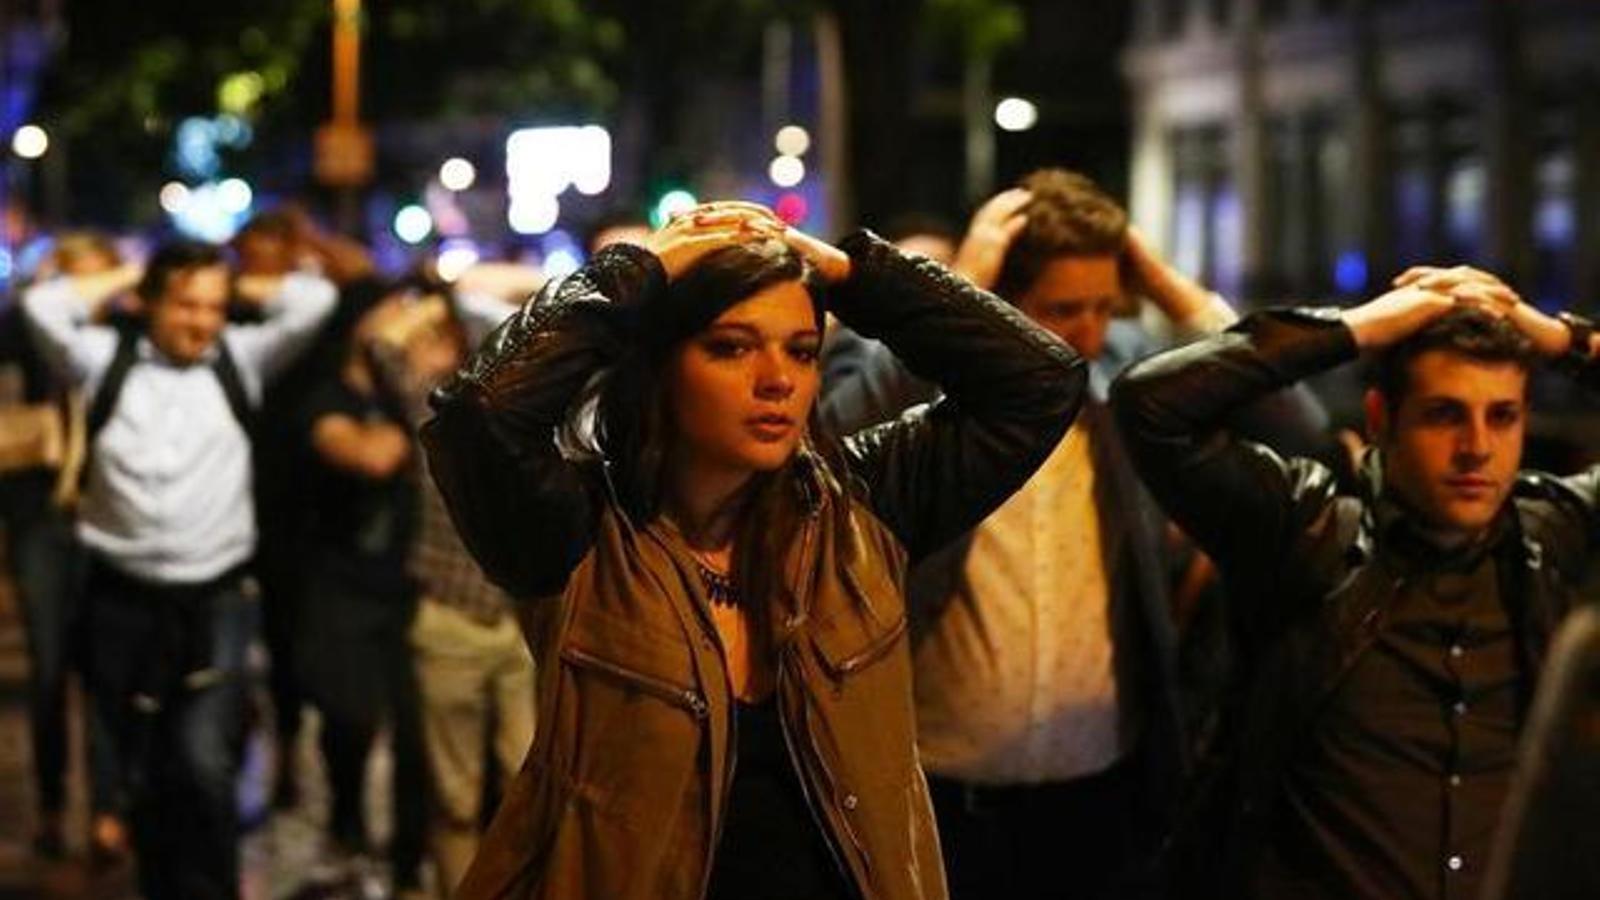 Un grup de persones abandona la zona del London Bridge amb els braços alçats. / NEIL HALL / REUTERS